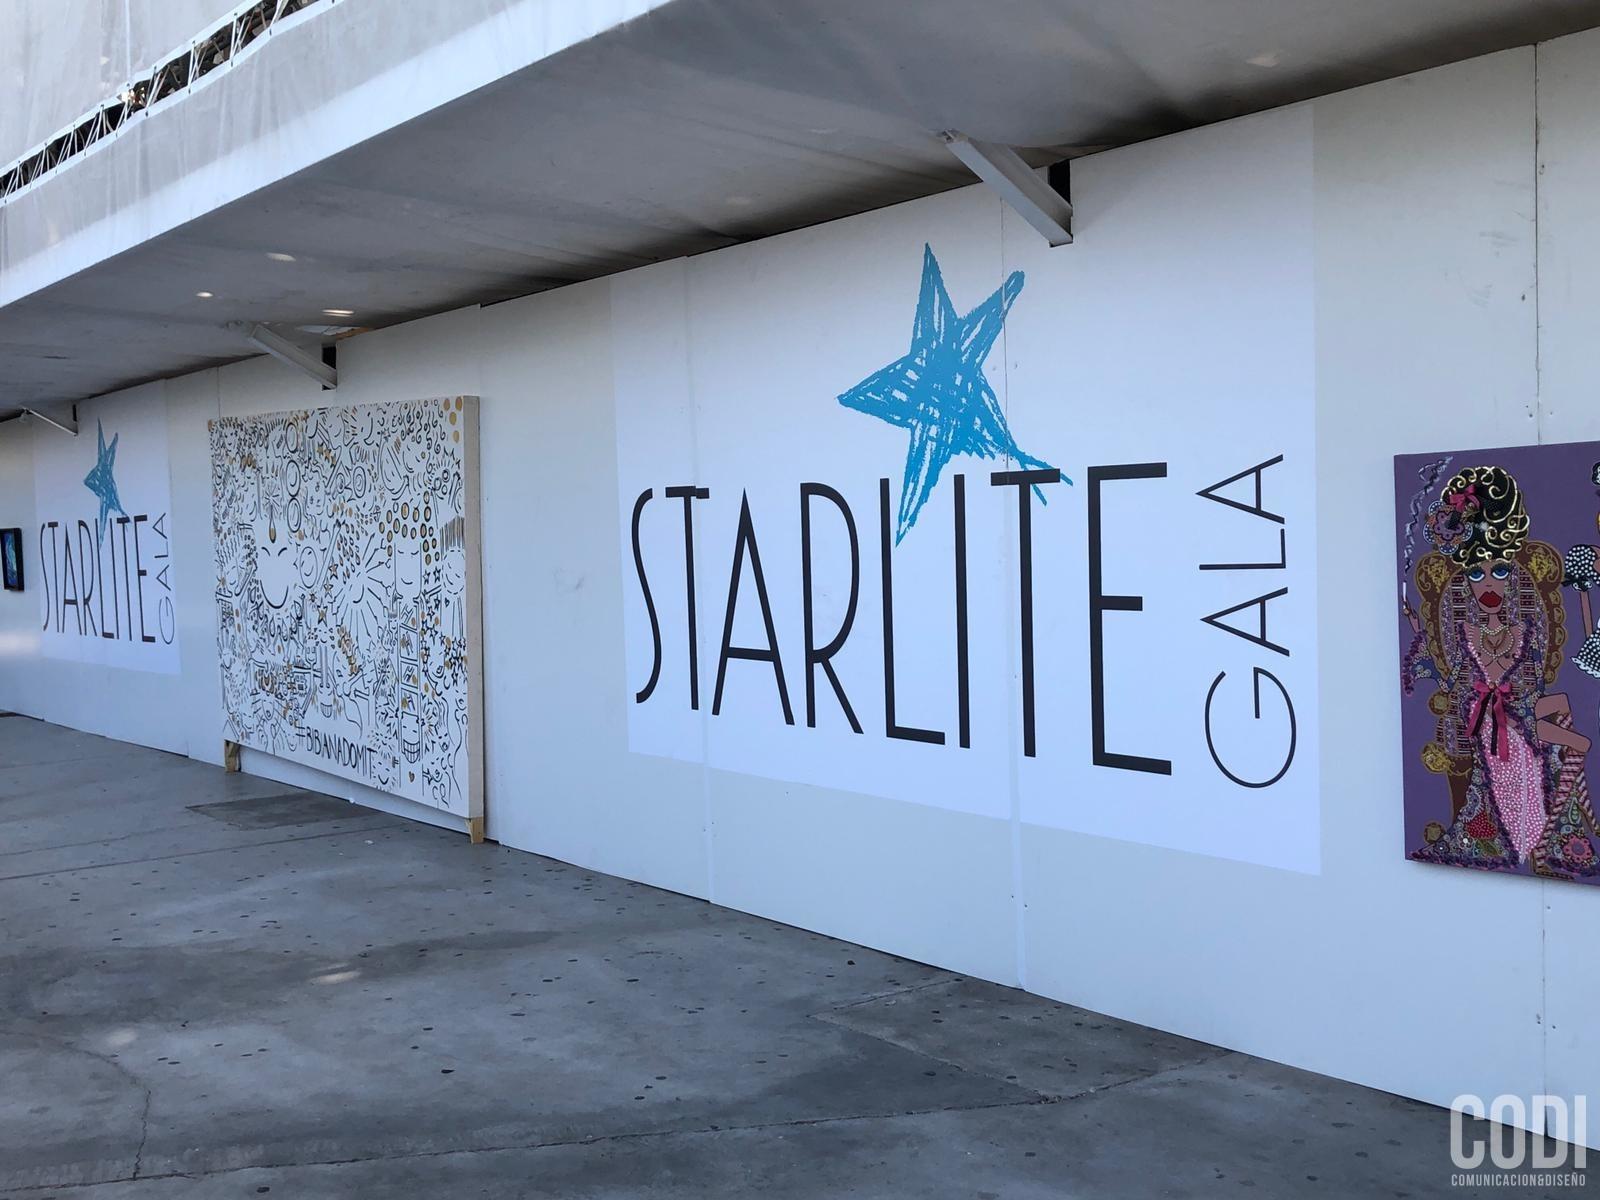 Exposición de arte con logo de Starlite